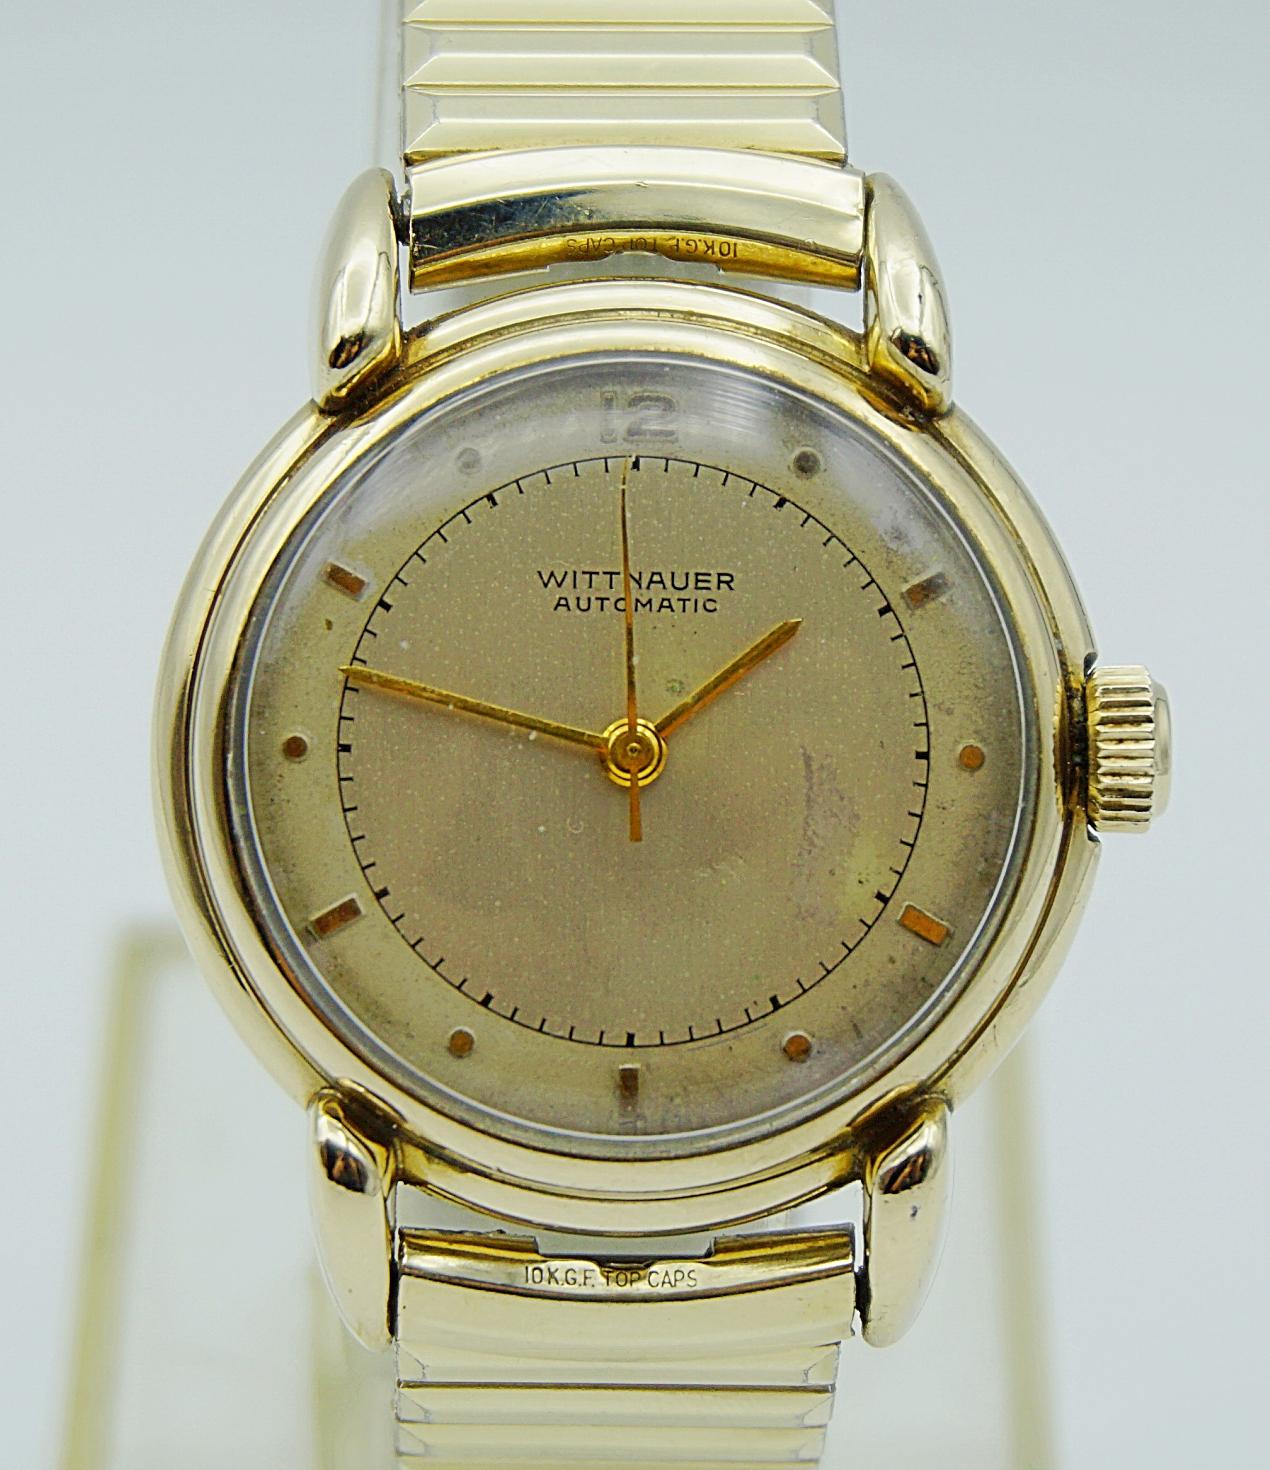 นาฬิกาเก่า WITTNAUER BY LONGINES ออโตเมติกครึ่งรอบ